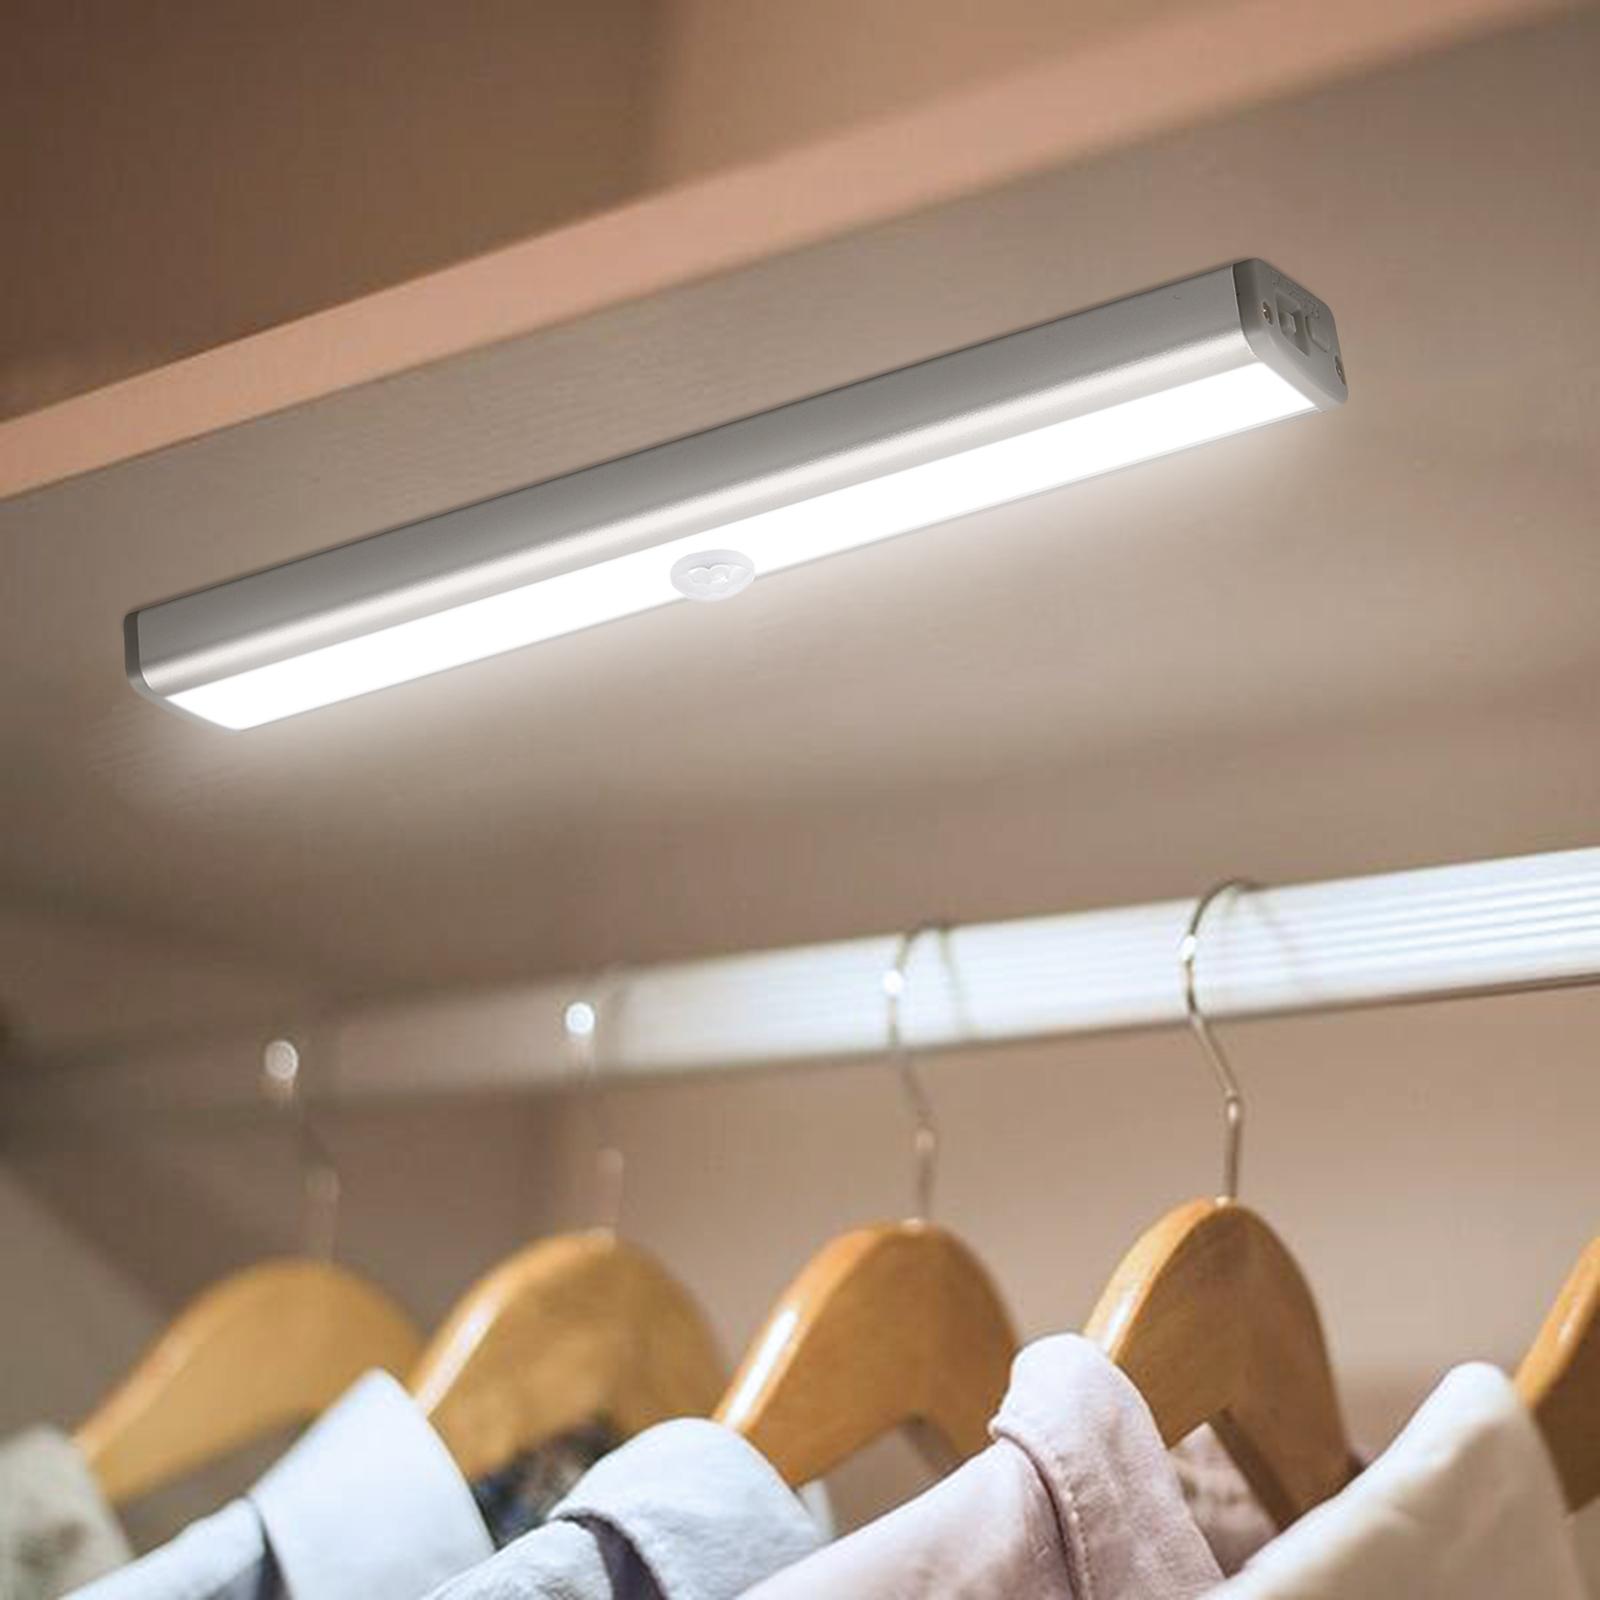 Full Size of Unterbauleuchte Kche Led Lampe Schrank Licht Nachtlicht Landhausküche Edelstahlküche Gebraucht Tapete Küche Modern Laminat Für Vinyl Industrielook Landhaus Wohnzimmer Unterbauleuchten Küche